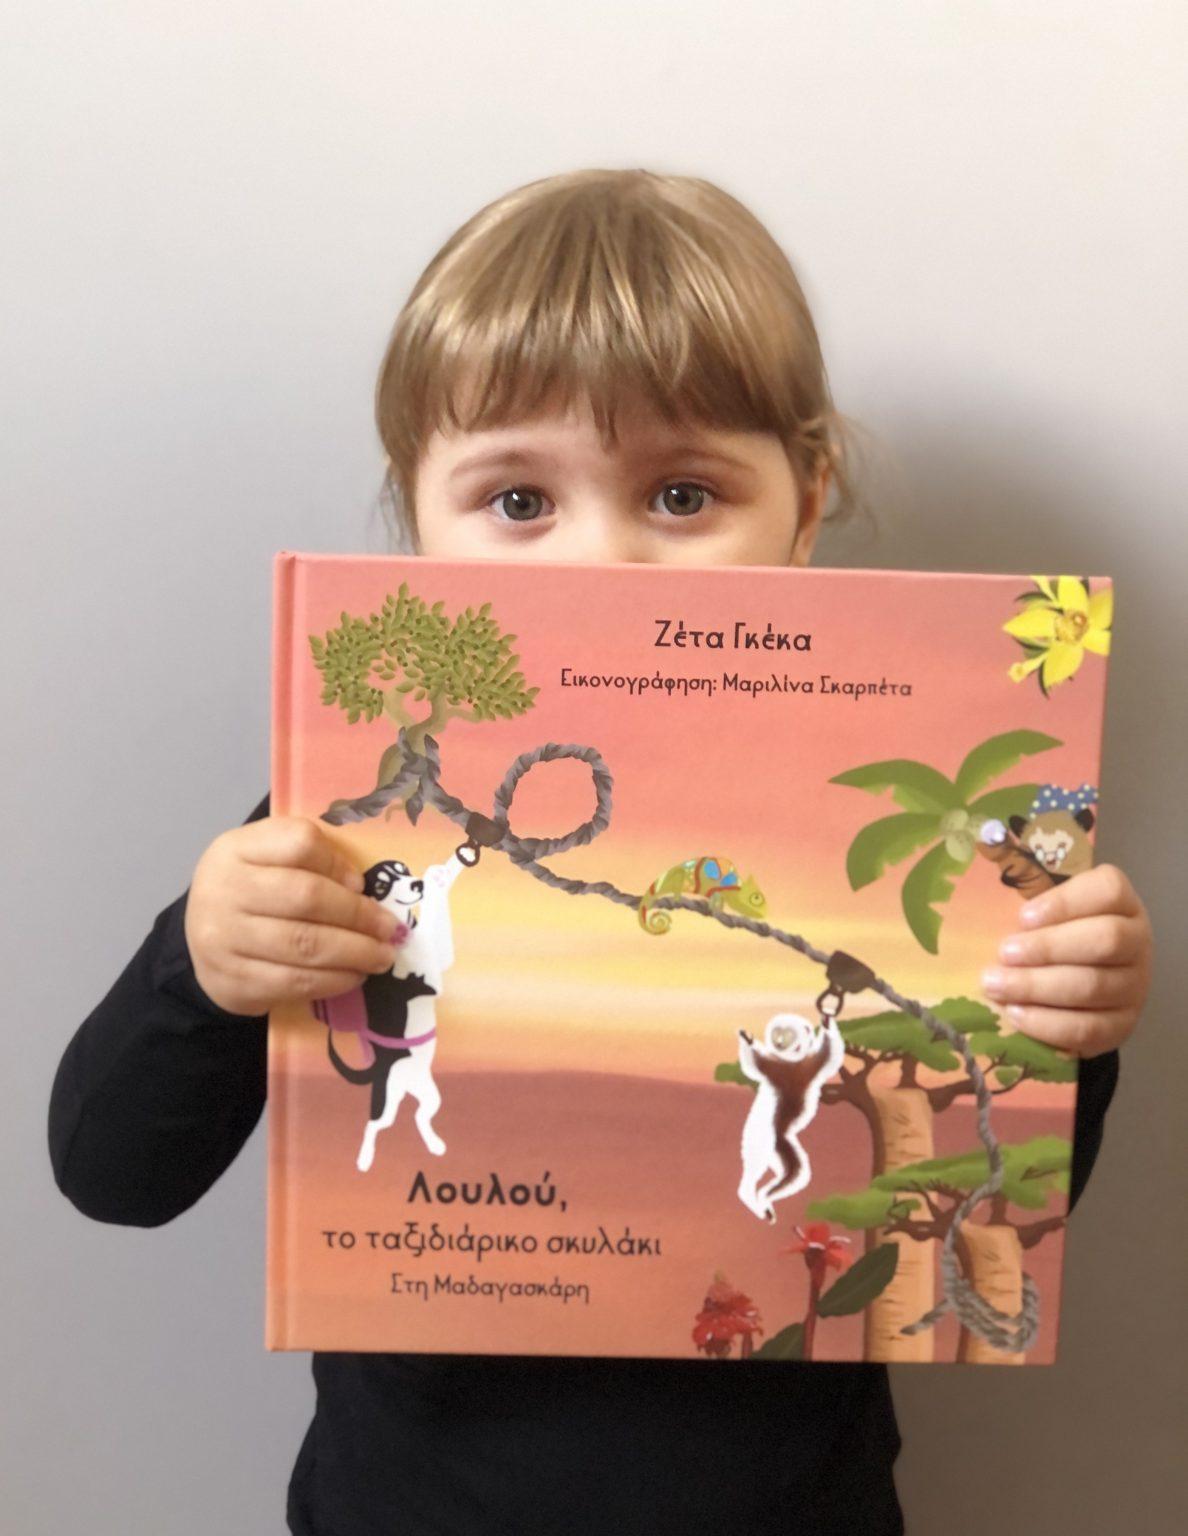 """2 τυχεροί κερδίζουν τα παιδικά βιβλία """"Λουλού, το ταξιδιάρικο σκυλάκι"""" και """"Λουλού, το ταξιδιάρικο σκυλάκι στη Μαγαδασκάρη"""""""